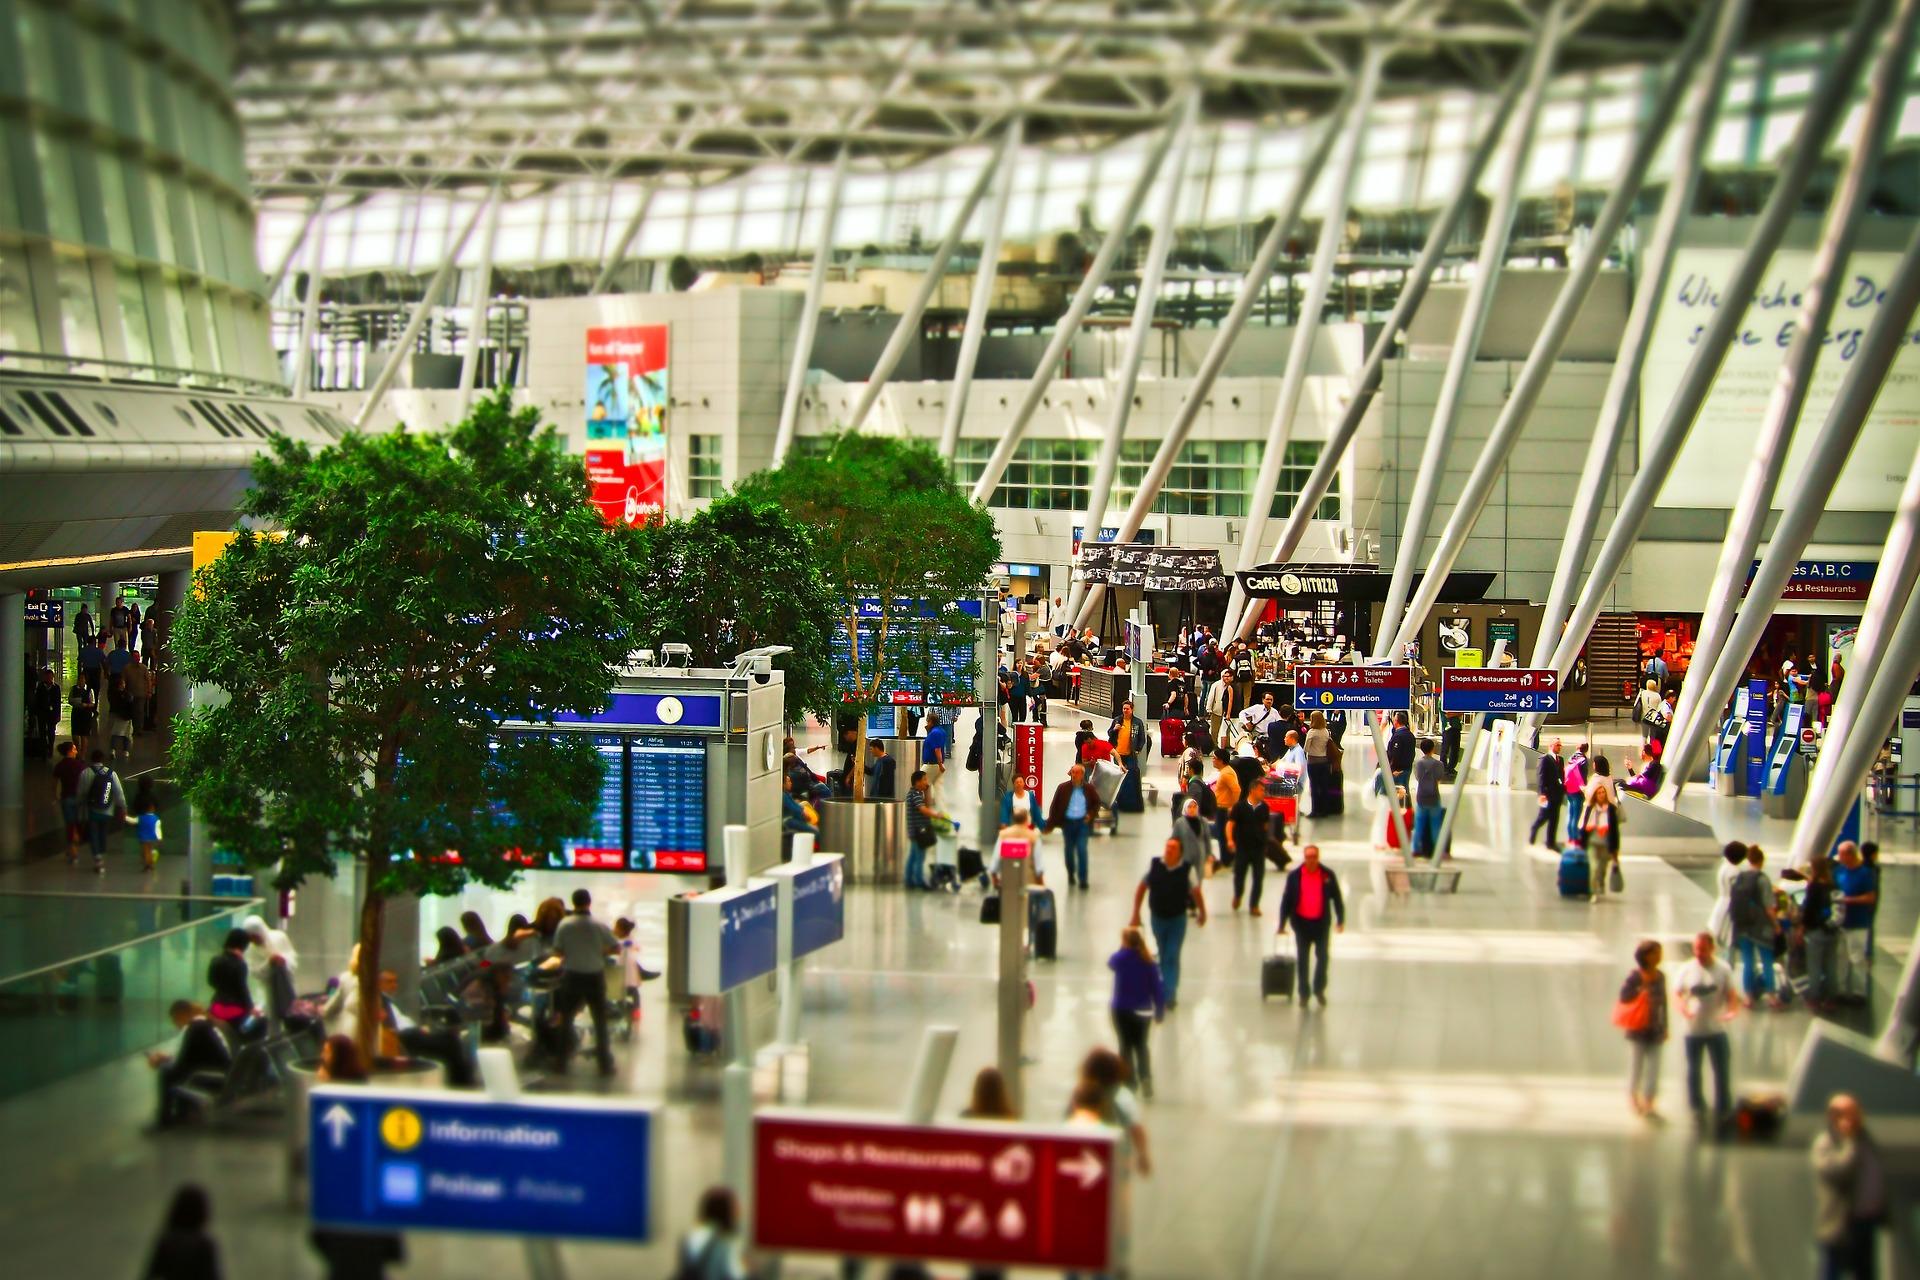 IATA predice que las aerolíneas transportarán 8.200 millones de pasajeros en 2037, casi el doble de la cifra actual.